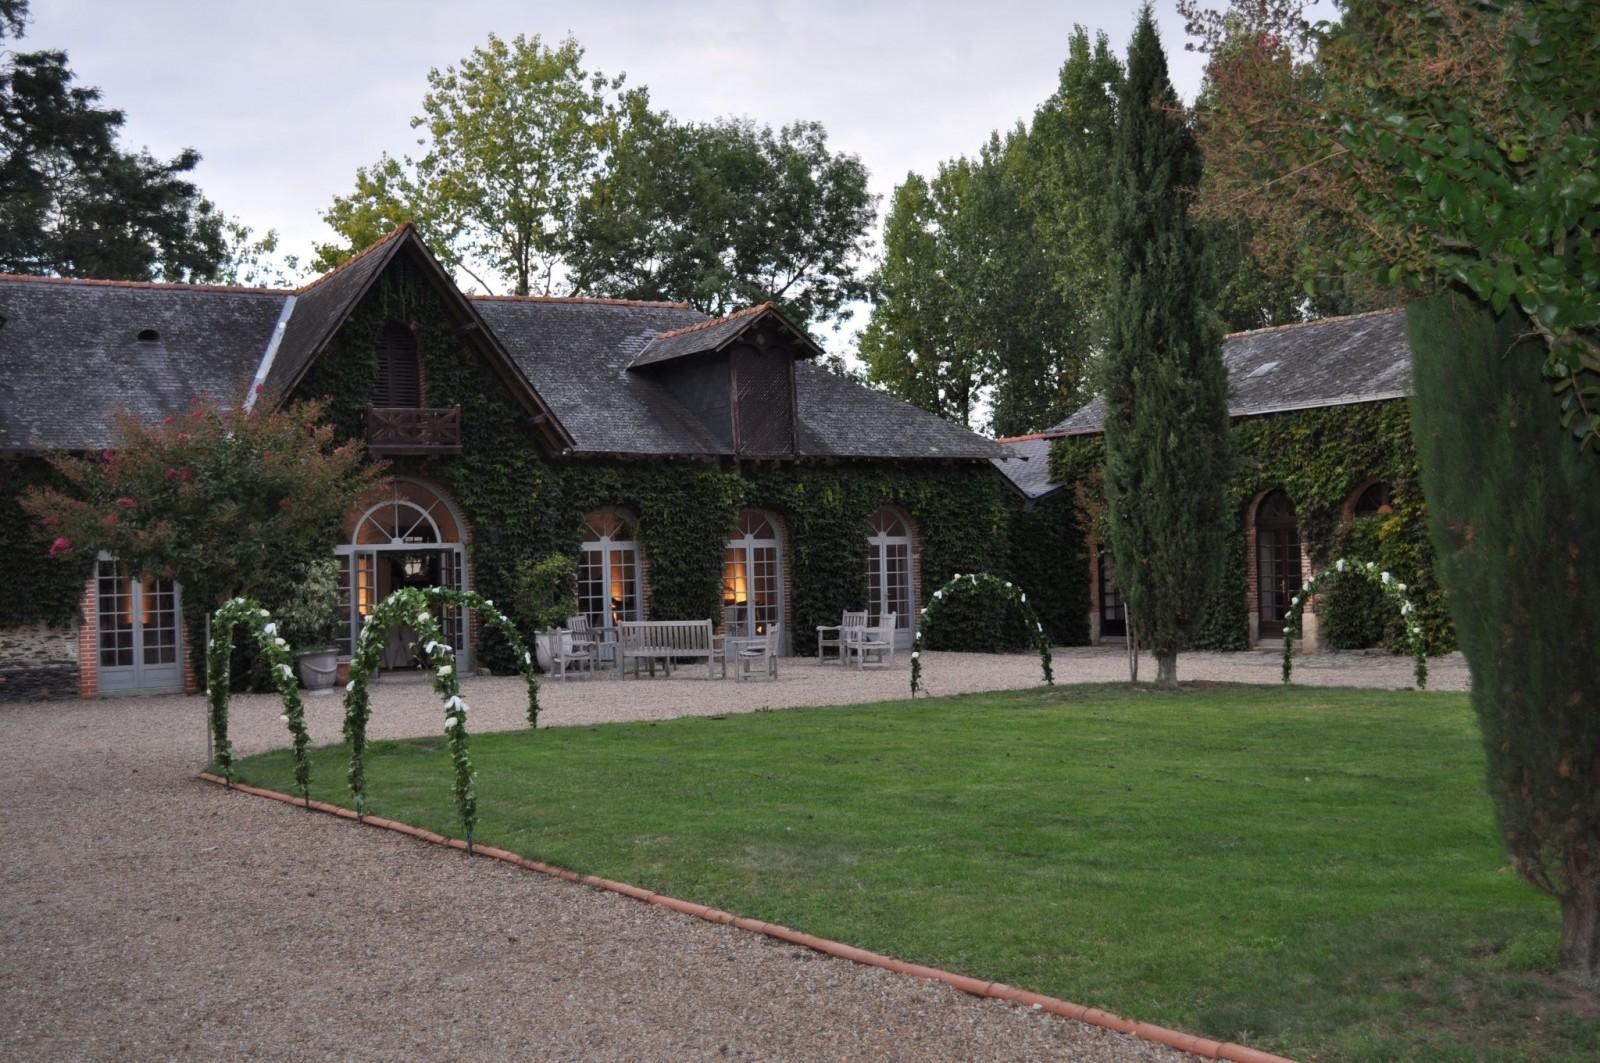 Location De Salle Pour Evenement D Entreprise Maine Et Loire 49000